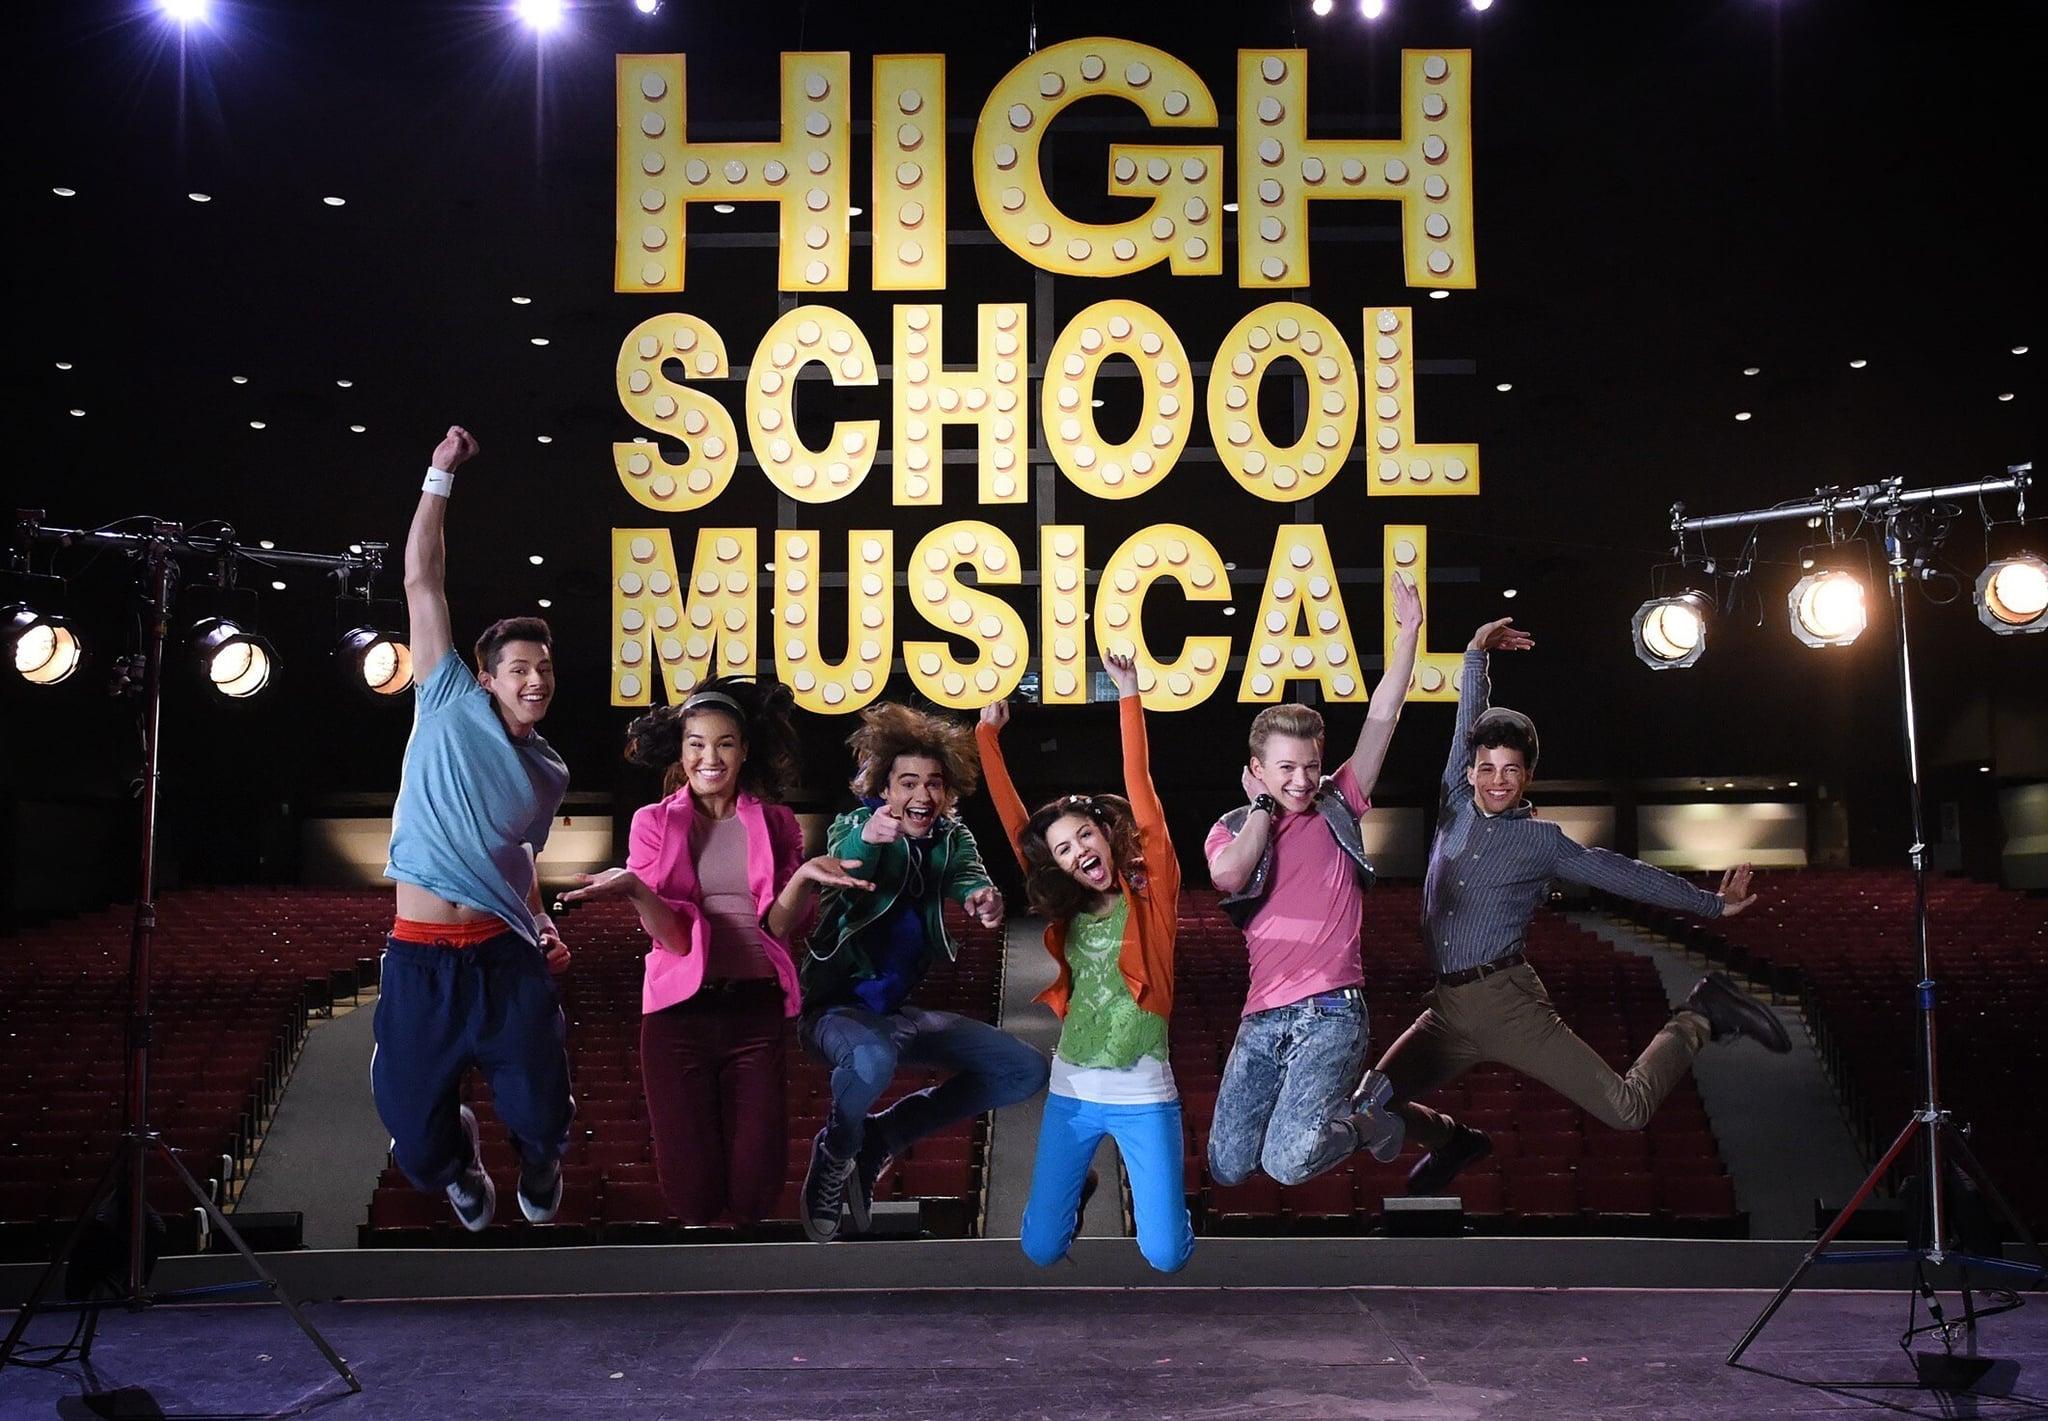 Cena da série High School Musical: The Musical: The Series. Vemos 6 alunos pulando no palco do teatro, atrás deles está um letreiro amarelo com as palavras High School Musical. Ao redor dos 6, vemos holofotes acesos. Na extrema esquerda, vemos E.J. Um adolescente branco e alto. Ele está pulando com a mão direita pro alto, no mesmo braço onde usa uma munhequeira branca. Ele usa blusa azul e calça jeans. Ao lado dele está Gina, mulher negra de blusa rosa. Ao lado dela está Ricky, sorrindo e apontando pra frente enquanto pula. Ele usa jaqueta verde, calça jeans e uma peruca castanha. Ao seu lado está Nini, garota de ascendência asiática, pele clara e cabelos escuros. Ela pula com os dois braços pra cima e com a boca aberta. Ela usa calça azul, camiseta verde e uma blusa laranja de manga longa por cima. Ao seu lado, está Seb. Um jovem branco e loiro, com a mão direita no queixo e a esquerda para cima. Ele usa calça jeans clara e uma camiseta rosa com bolero cinza. Na ponta direita está o intérprete de Ryan, pulando com os braços para os lados, de calça caqui e blusa azul de botão. Ele usa uma boina, tem pele clara e sorri.